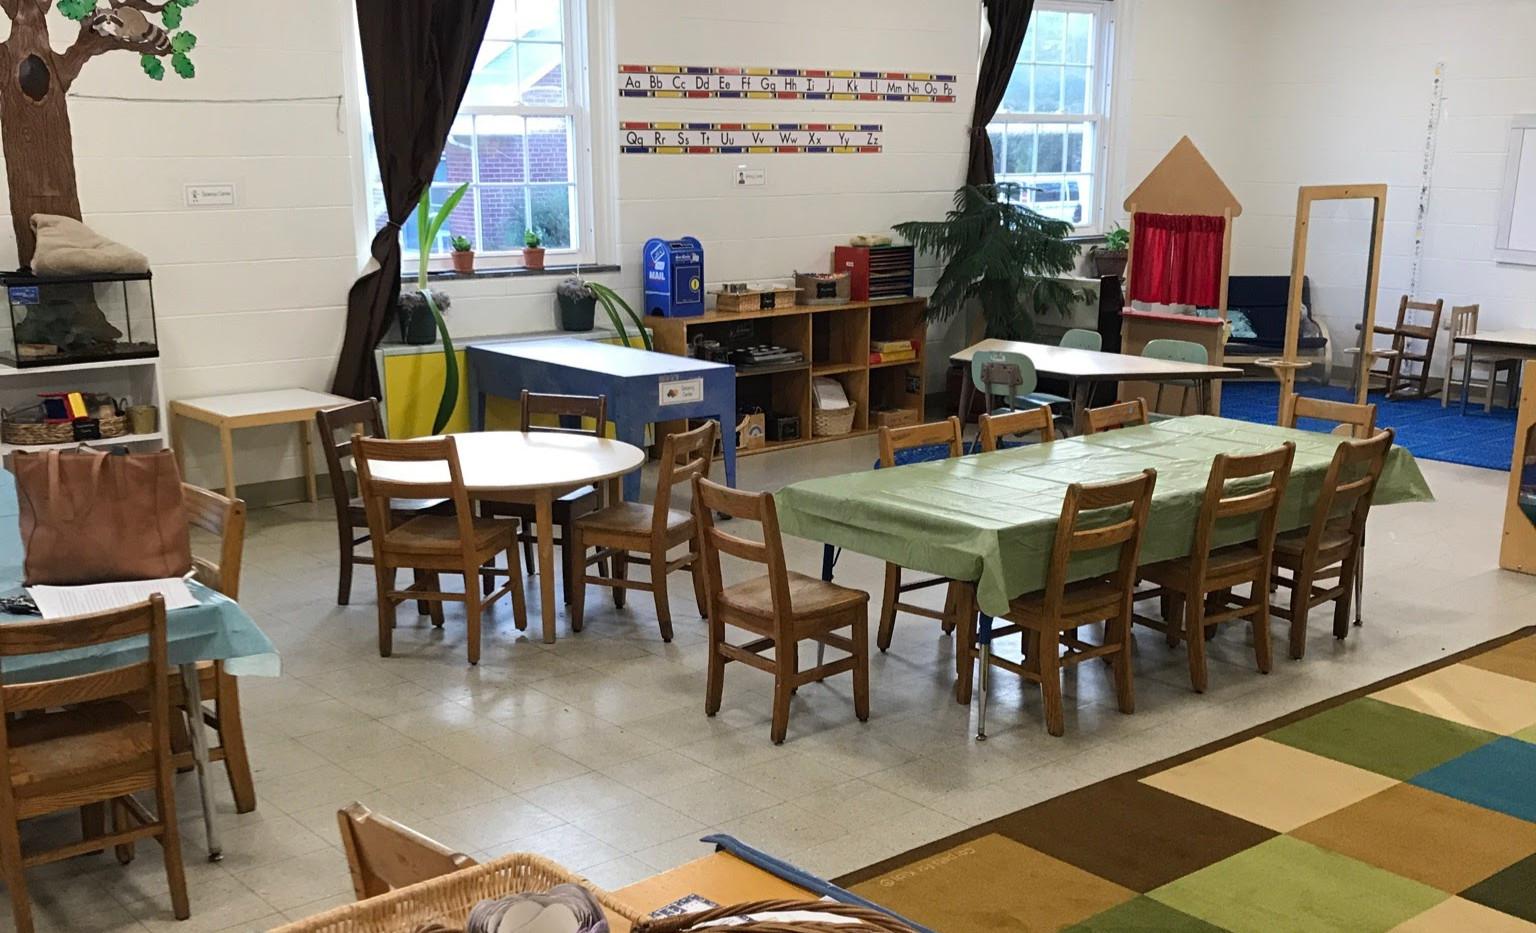 Threes Classroom (Pre-Covid)